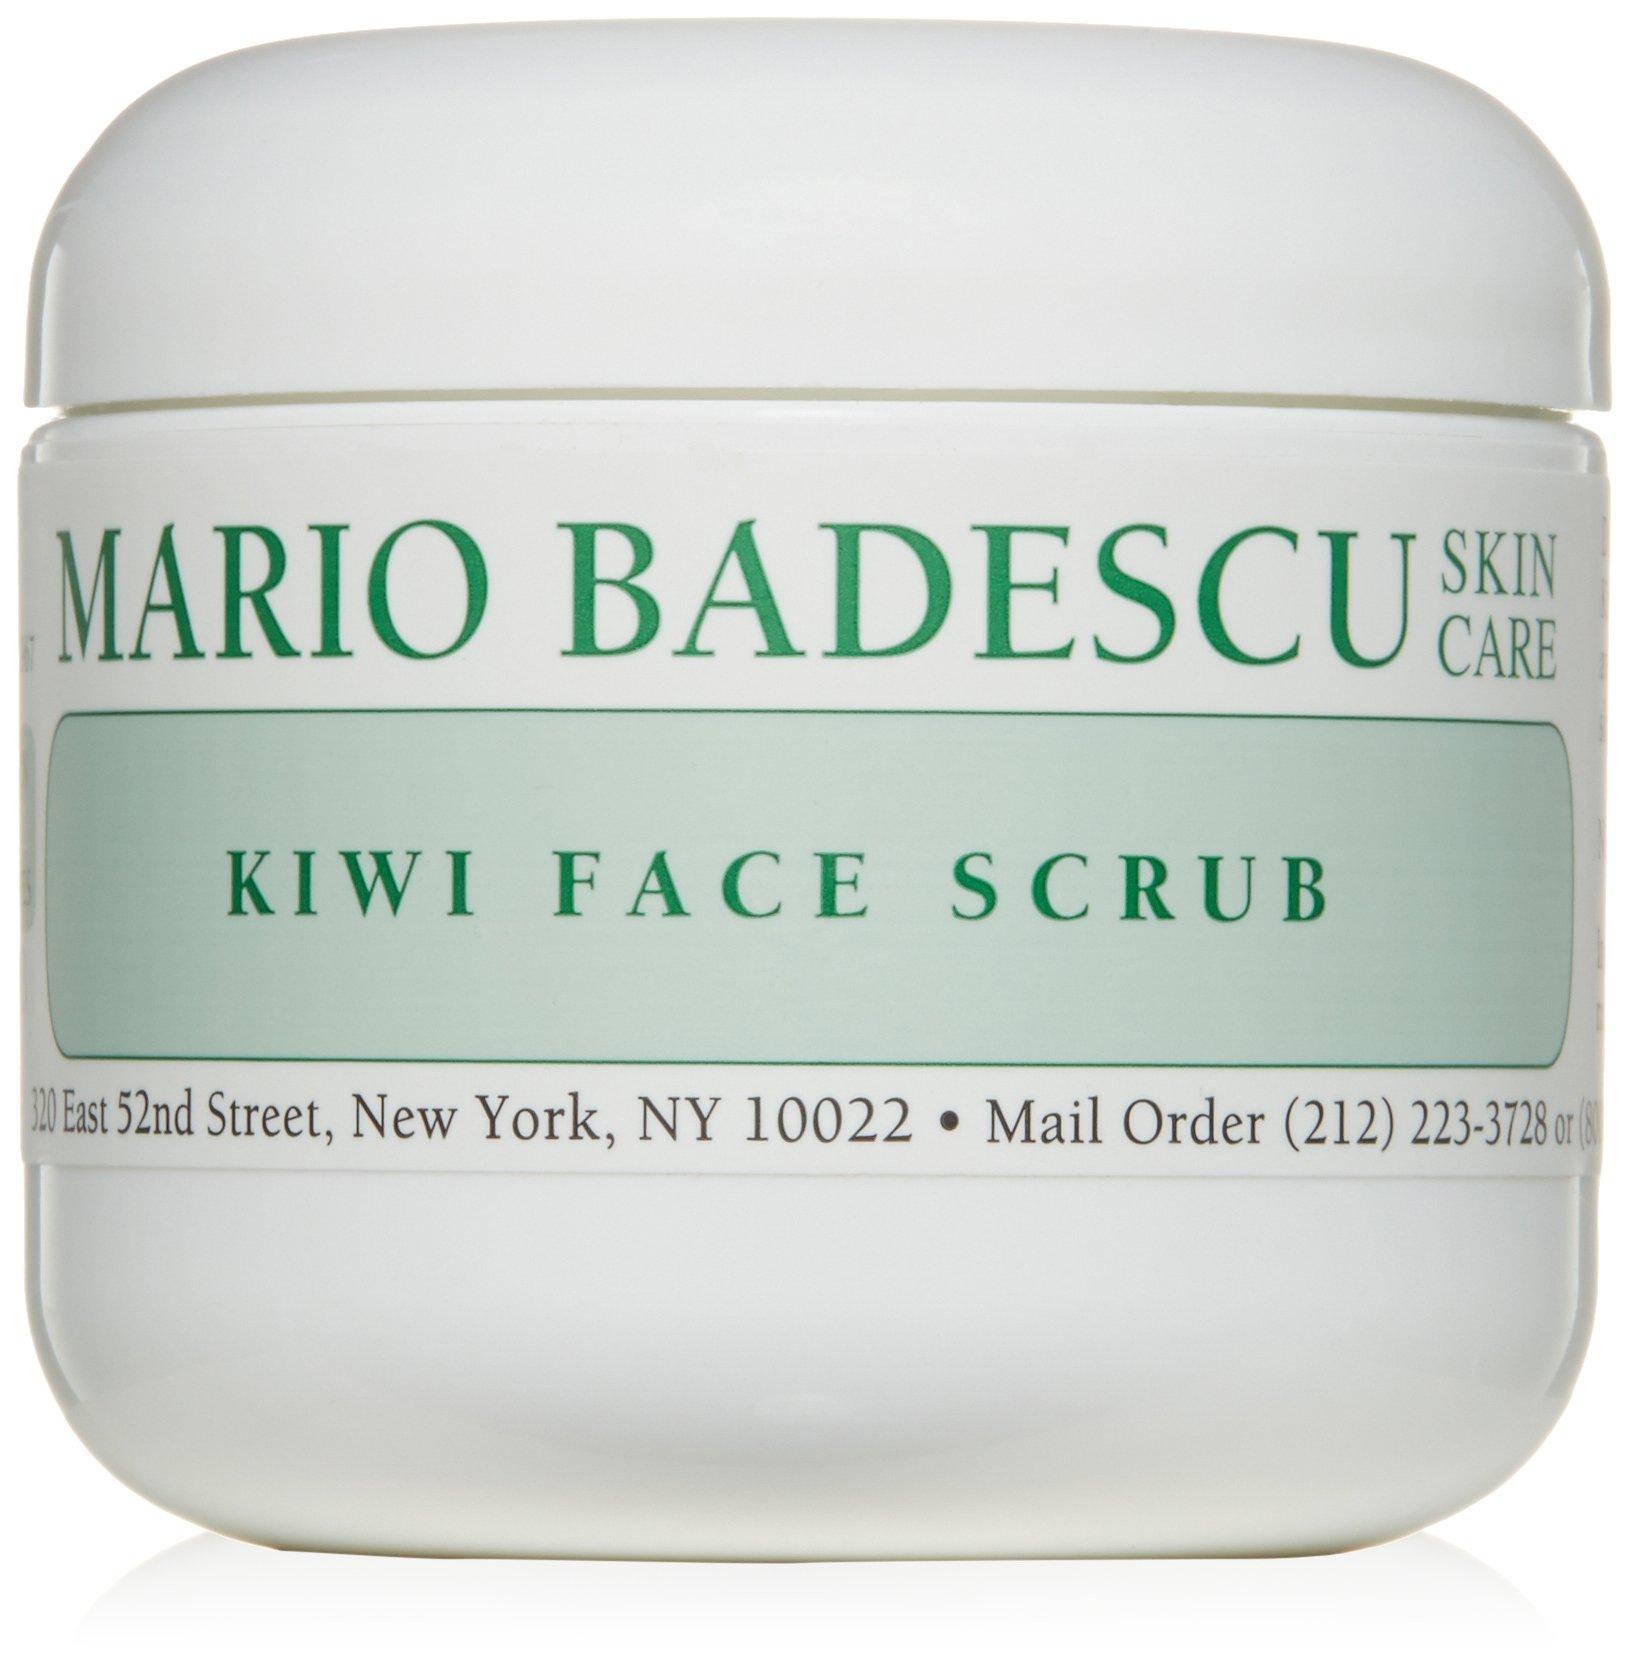 Mario Badescu Kiwi Face Scrub, 4 oz.